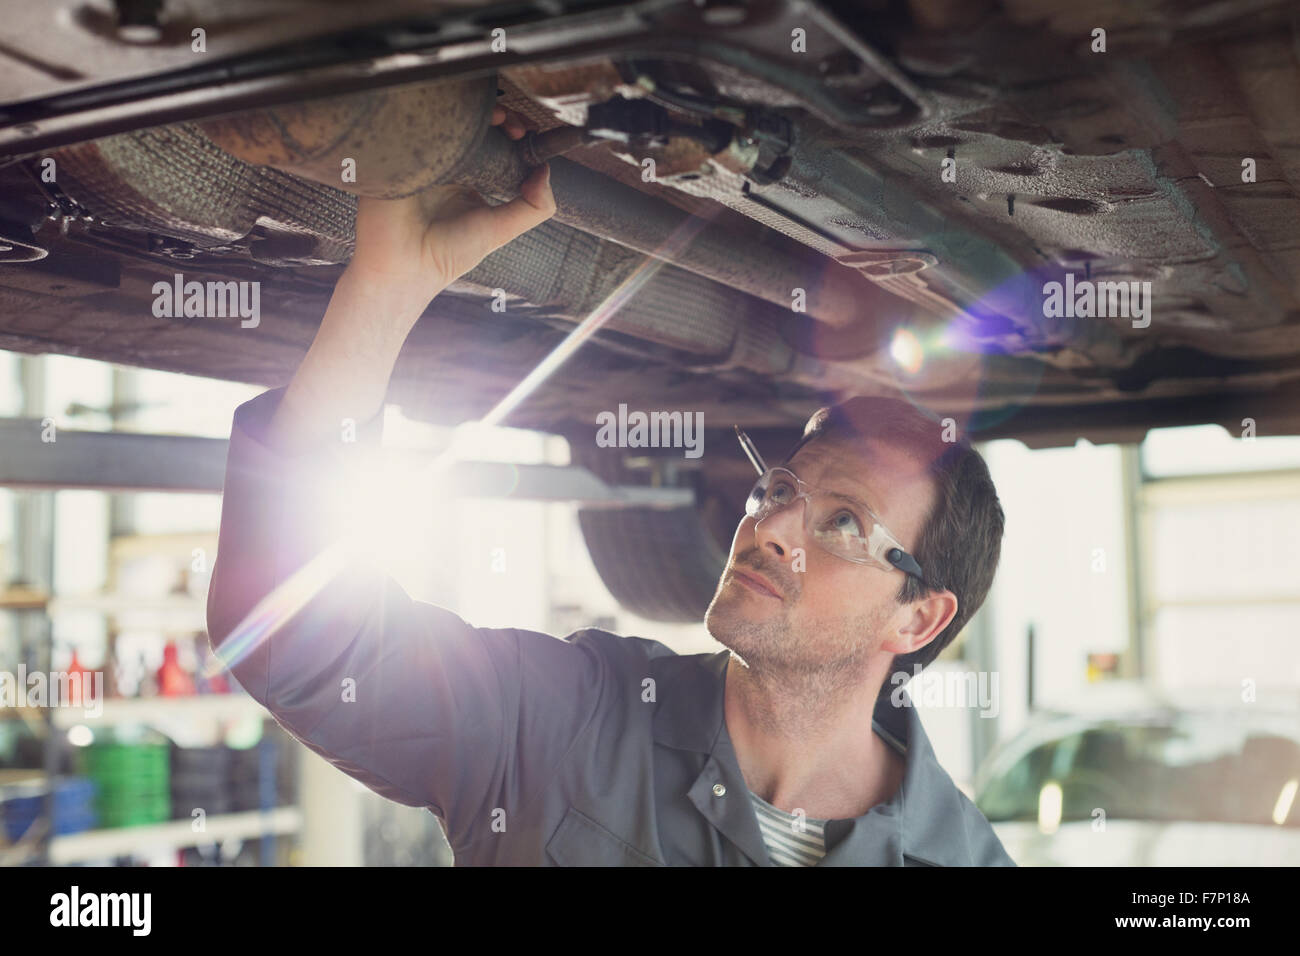 Mechaniker arbeiten unter Auto in Auto-Werkstatt Stockbild